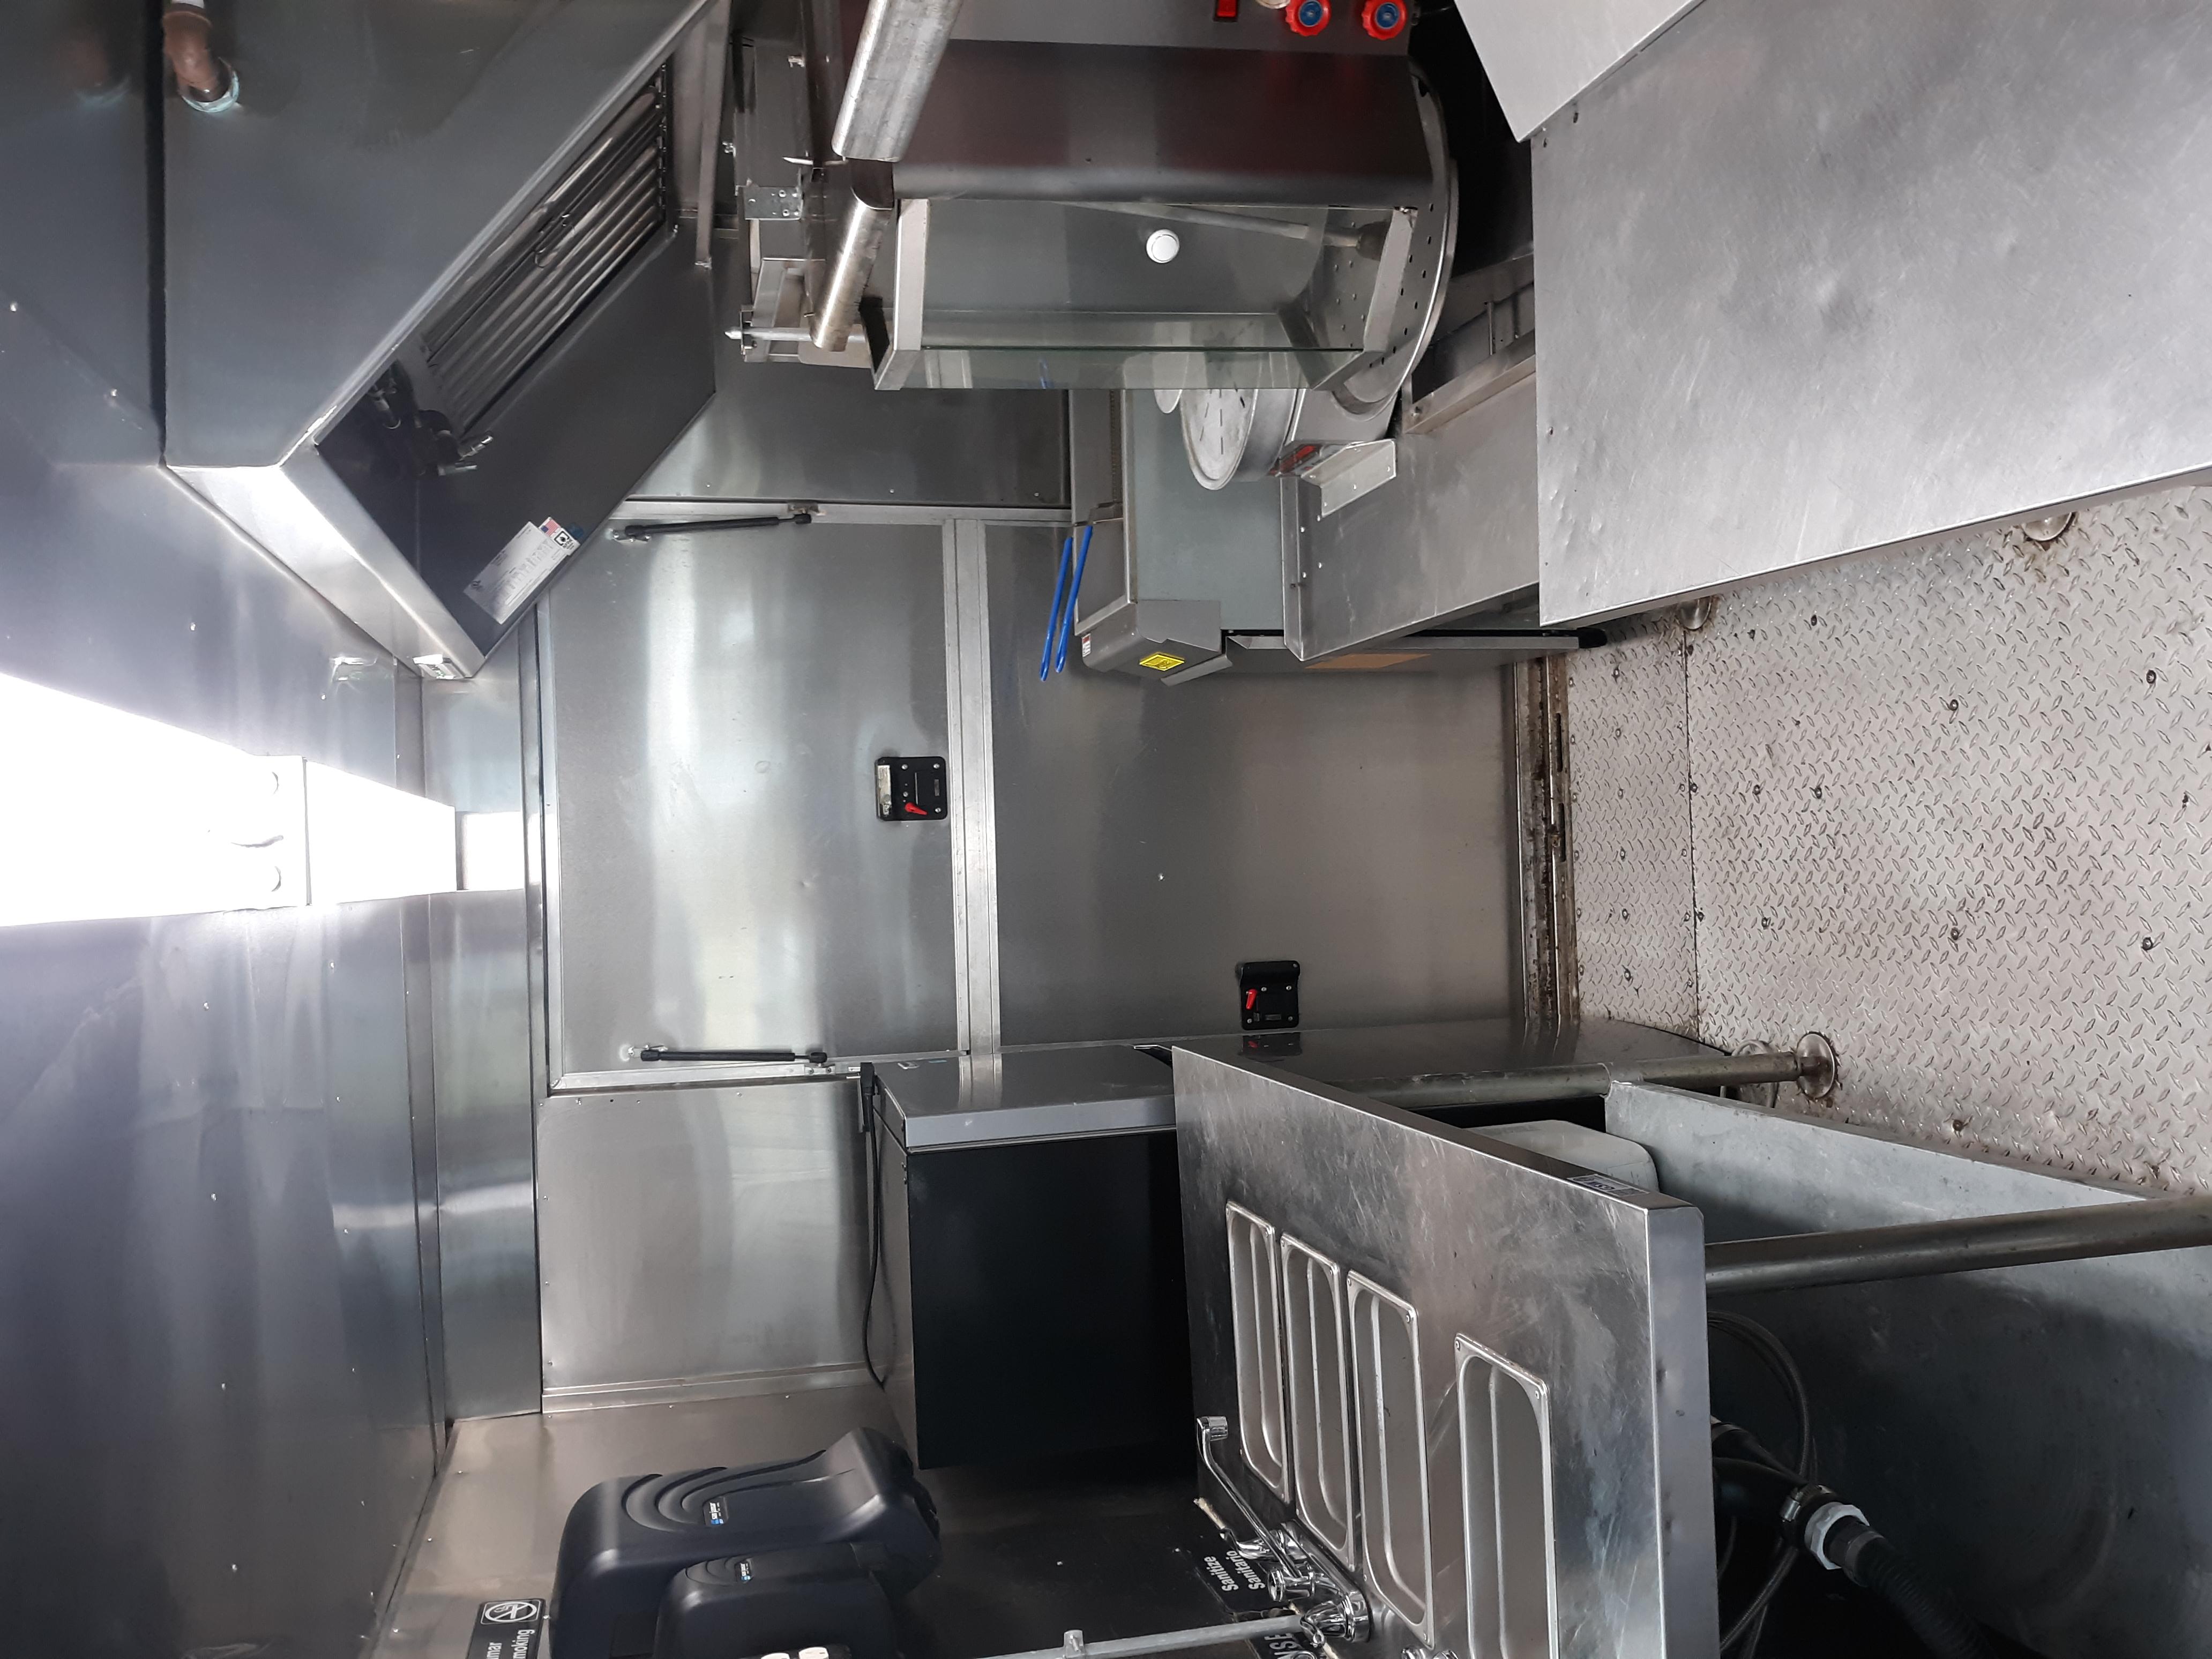 1994 international workhorse diesel food truck for sale in shreveport la. Black Bedroom Furniture Sets. Home Design Ideas